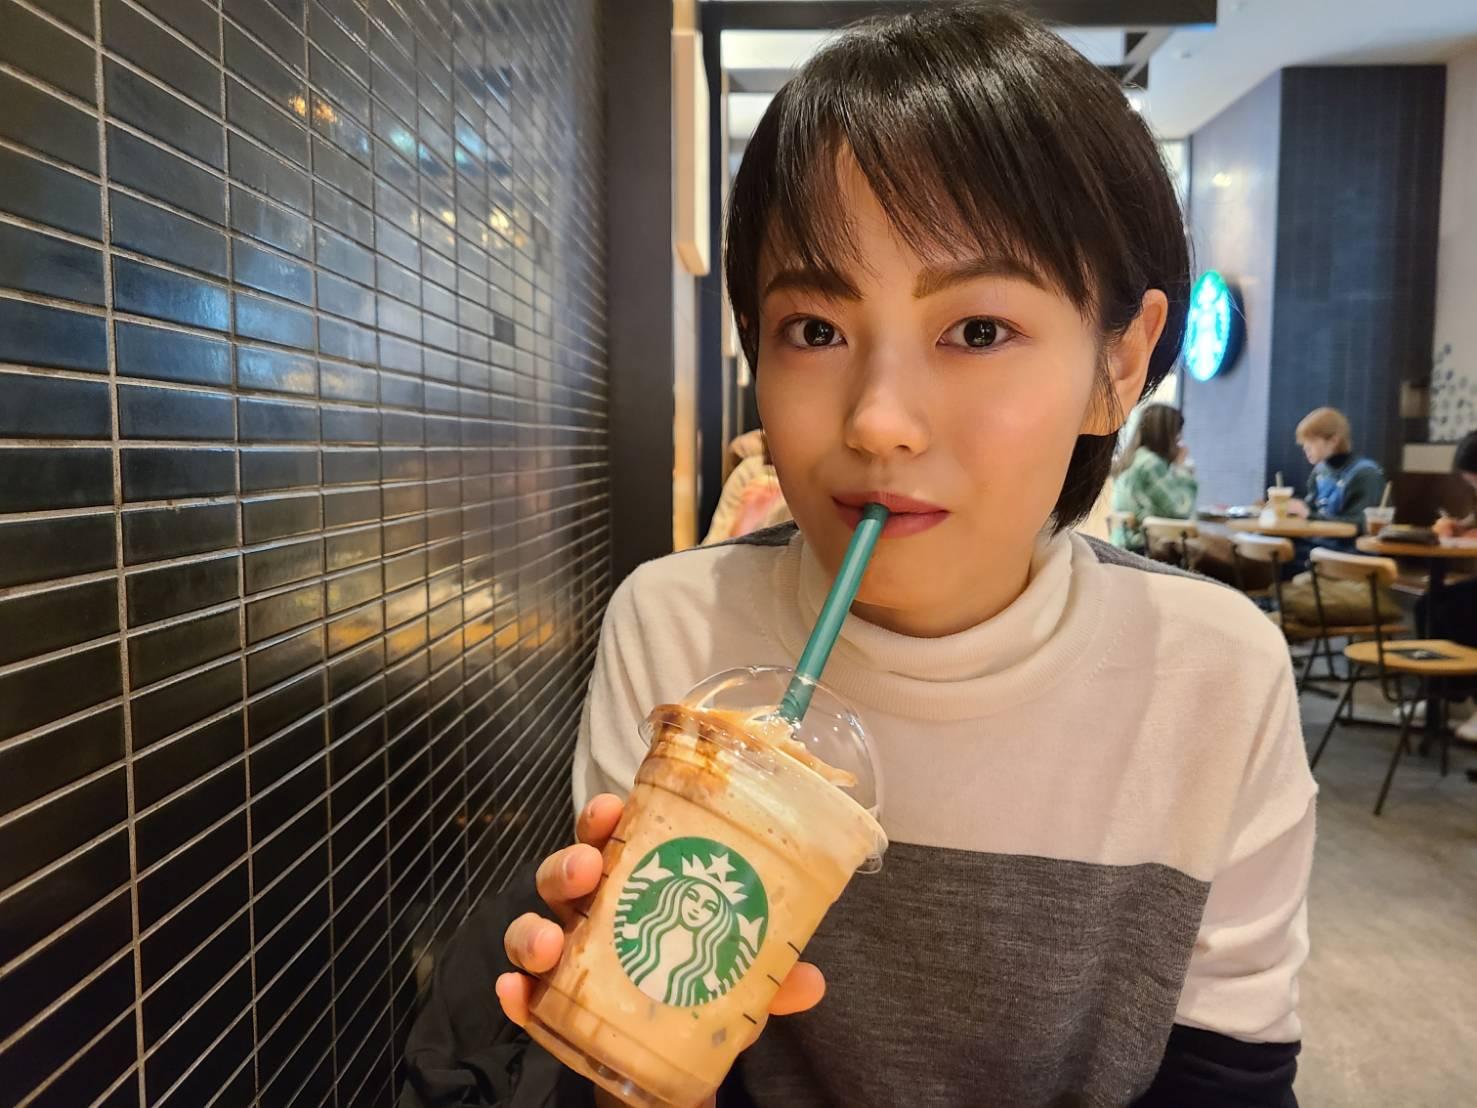 【スタバ☆新作カスタマイズ】メルティ生チョコレートを大人のお味に♡徹底解説つき_2